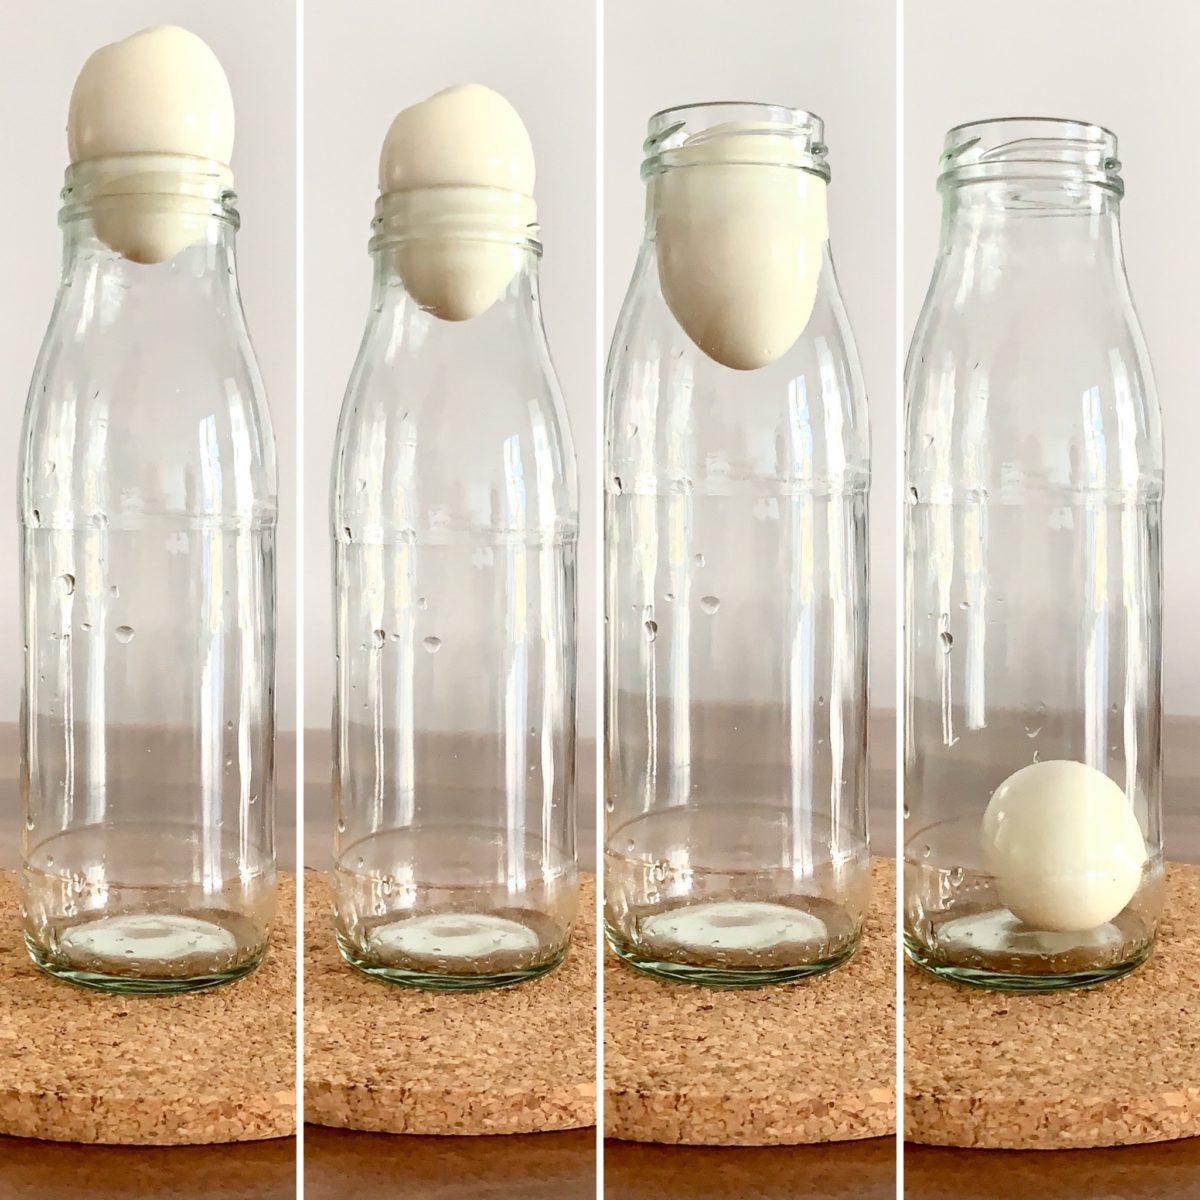 SCHNELL GEFORSCHT: Ei in die Flasche zaubern